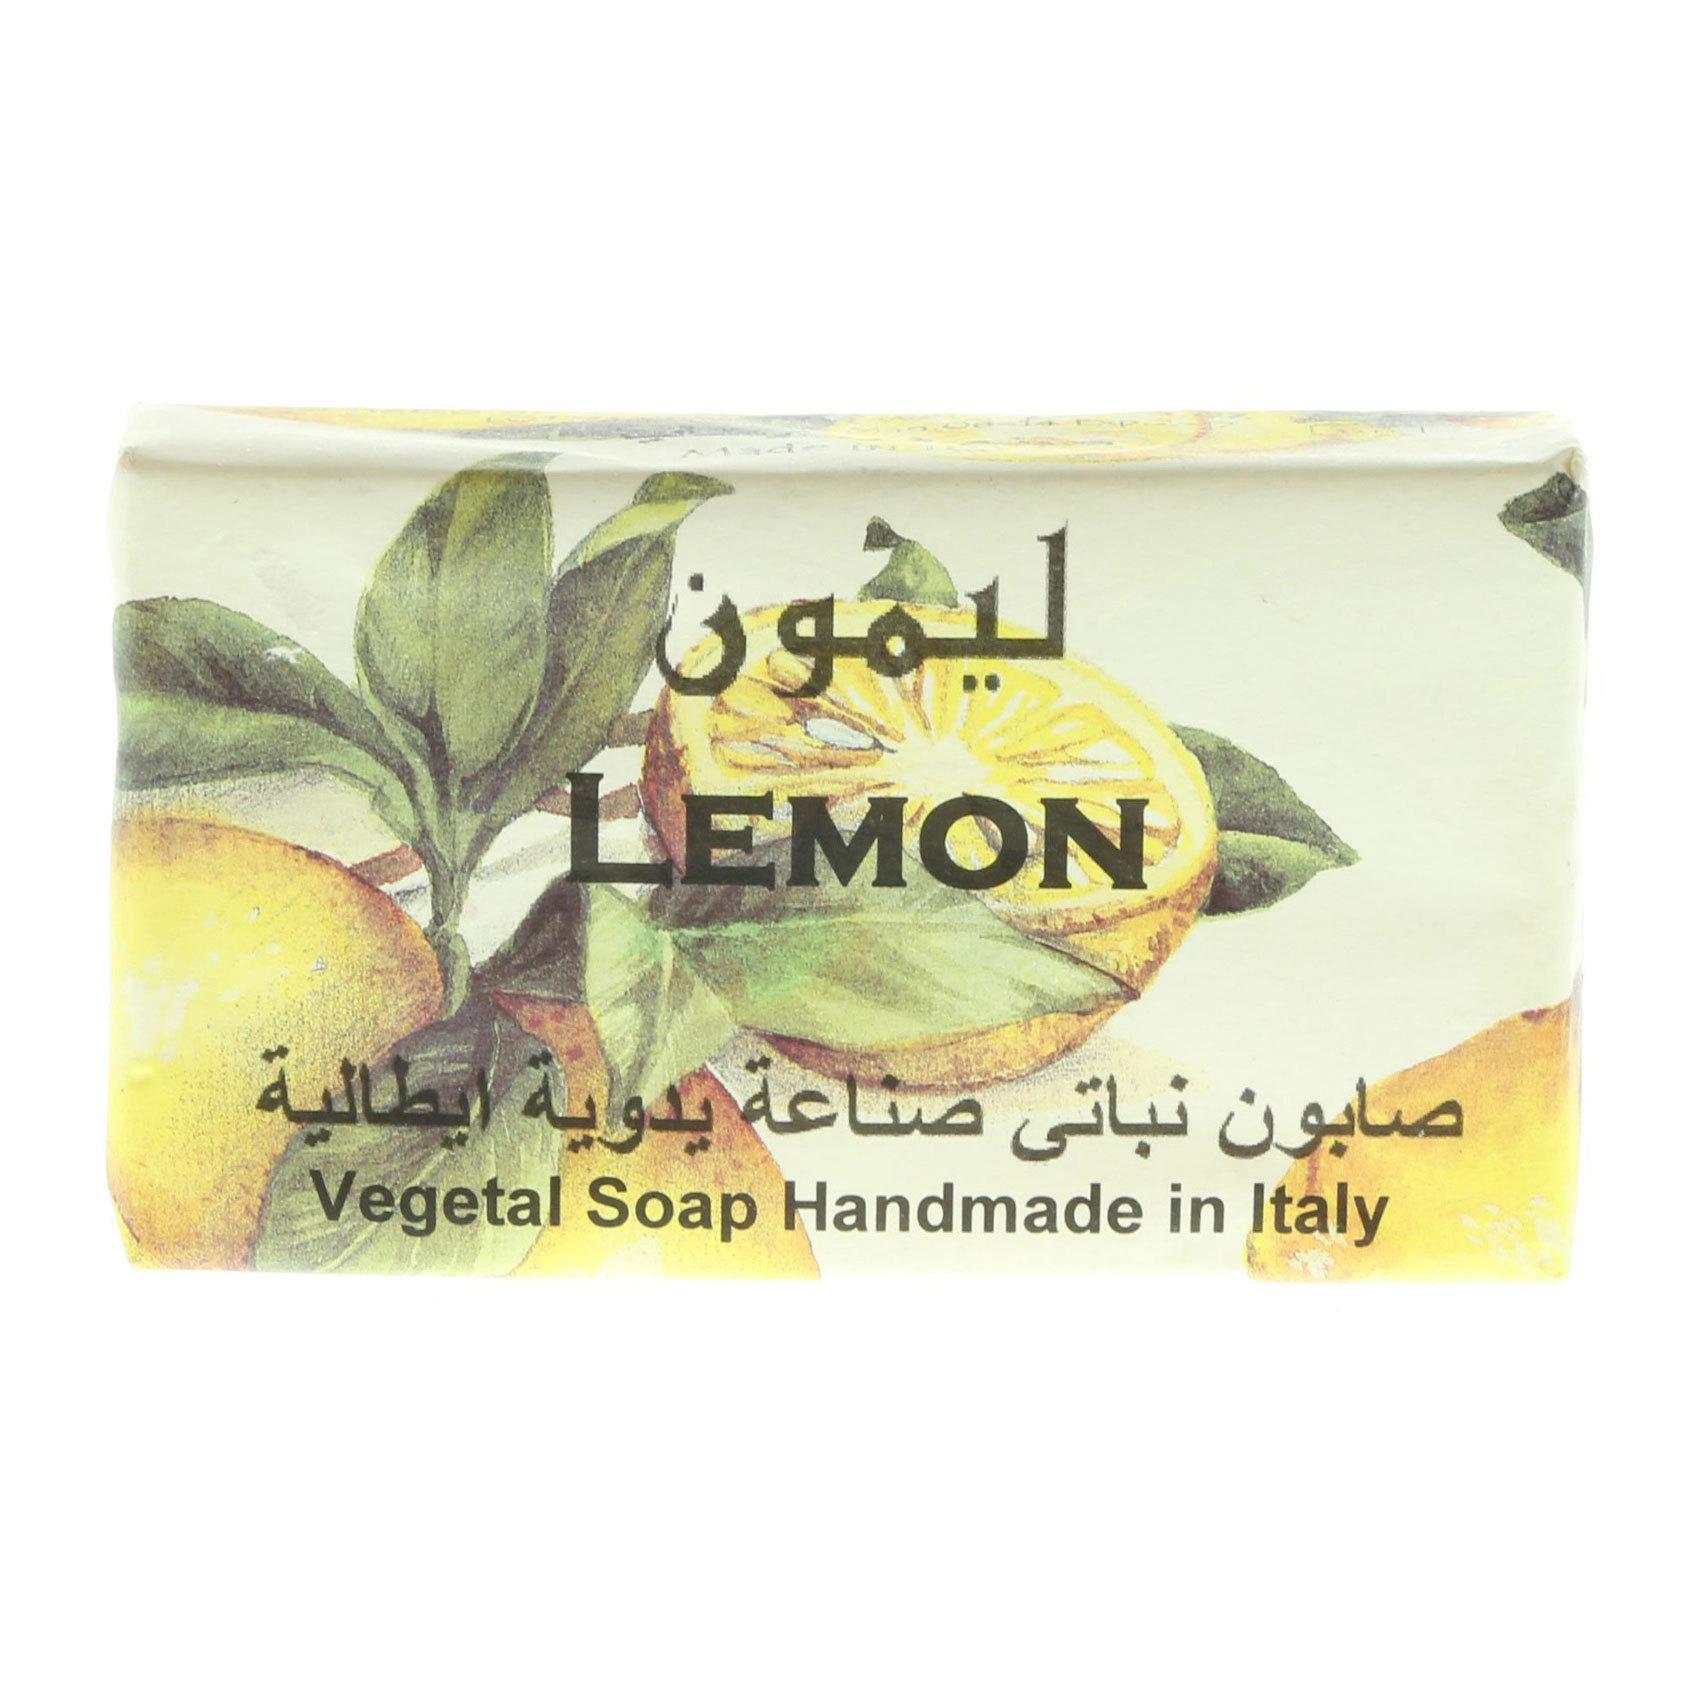 ALCHIMIA HANDMADE VEGETAL SOAP LEMO